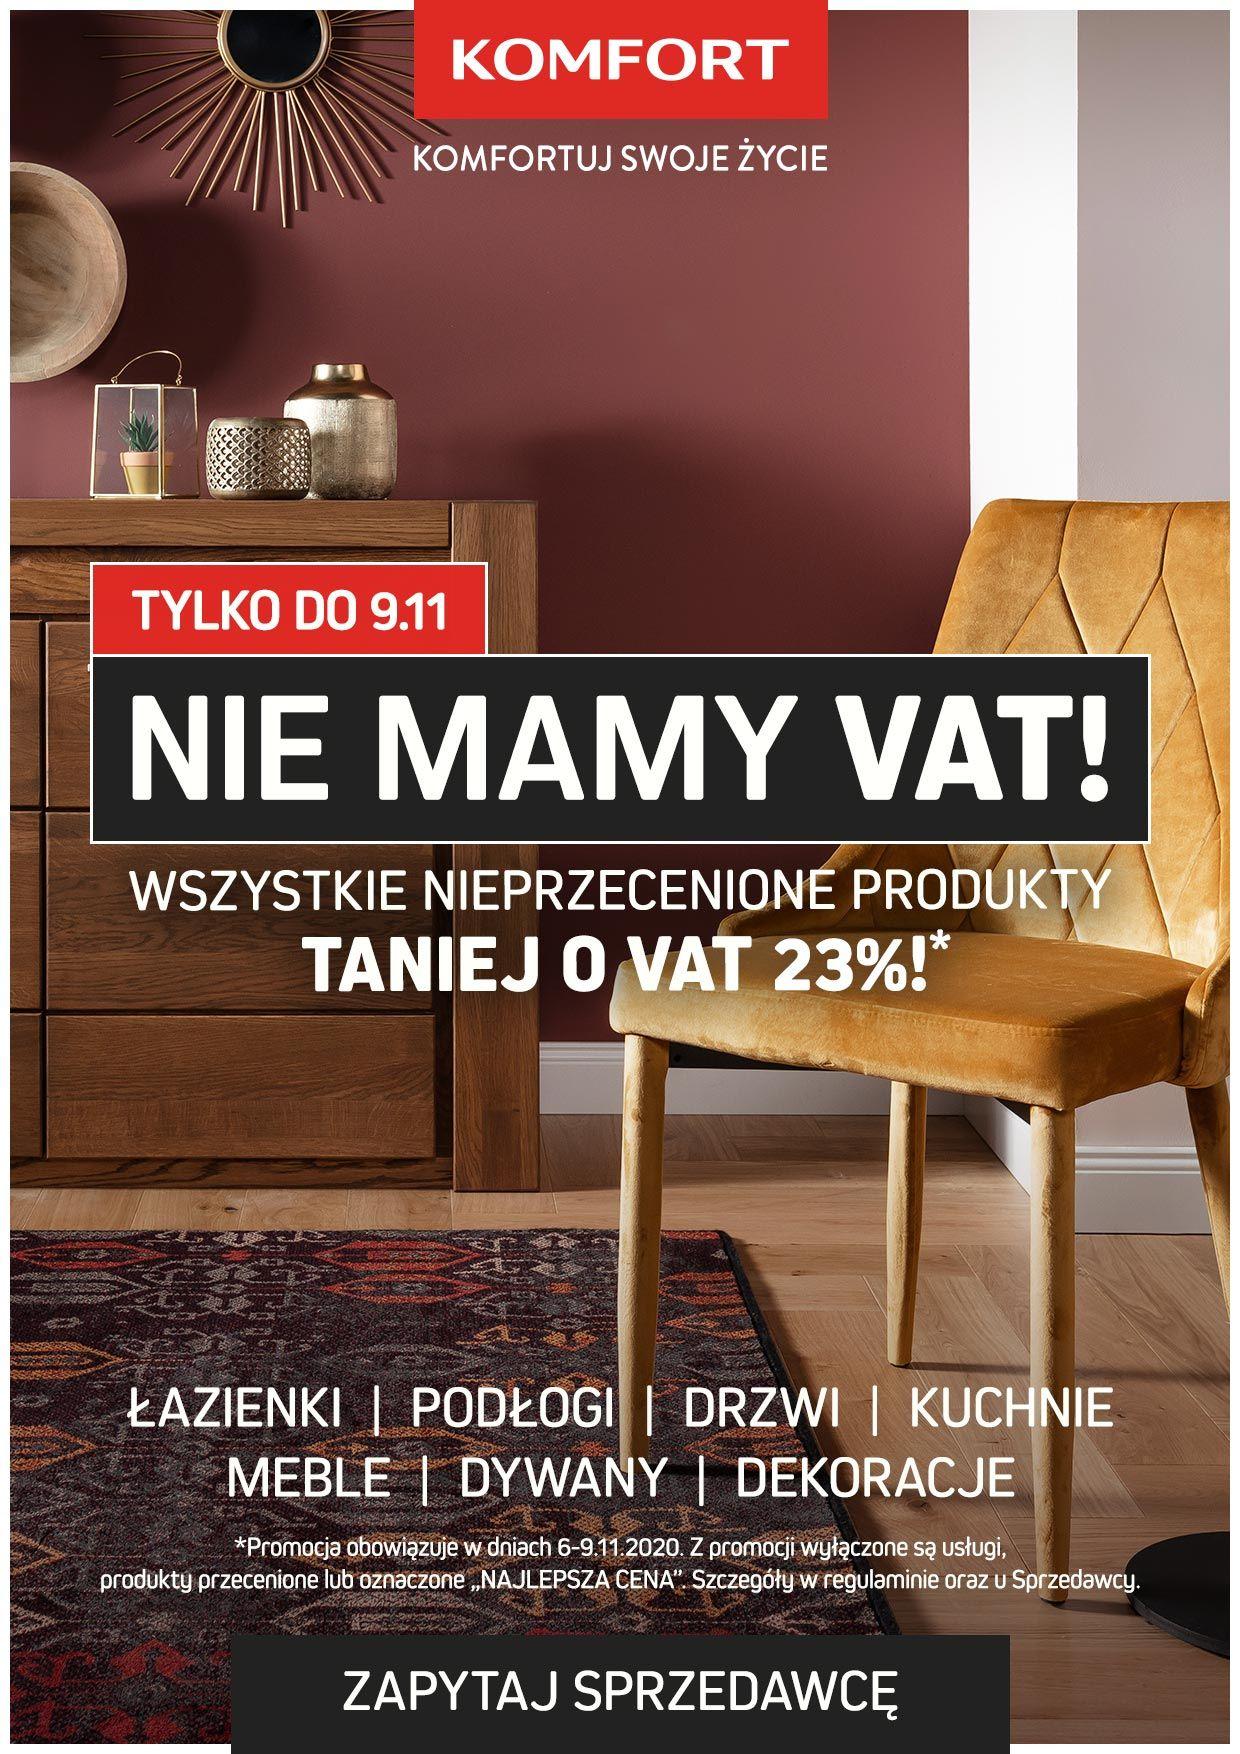 Komfort taniej o VAT wszytko! -18,7% 6-9.11.2020